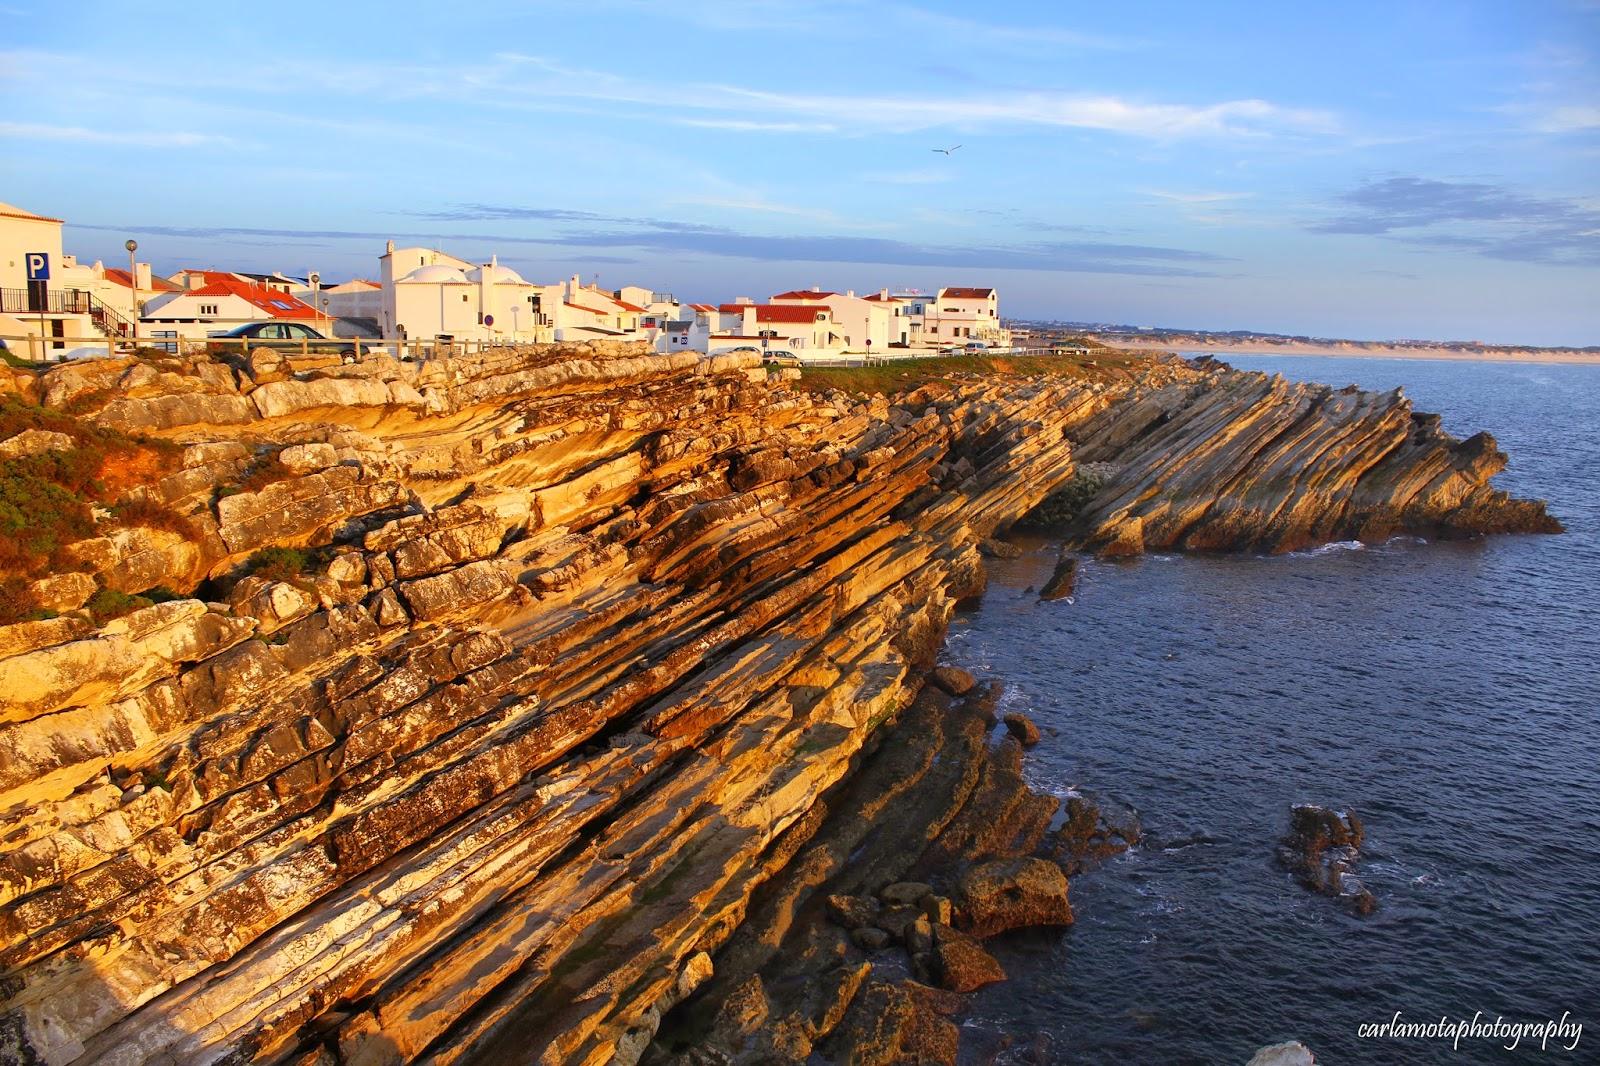 Venha explorar o melhor de Portugal | Os lugares a visitar em Portugal